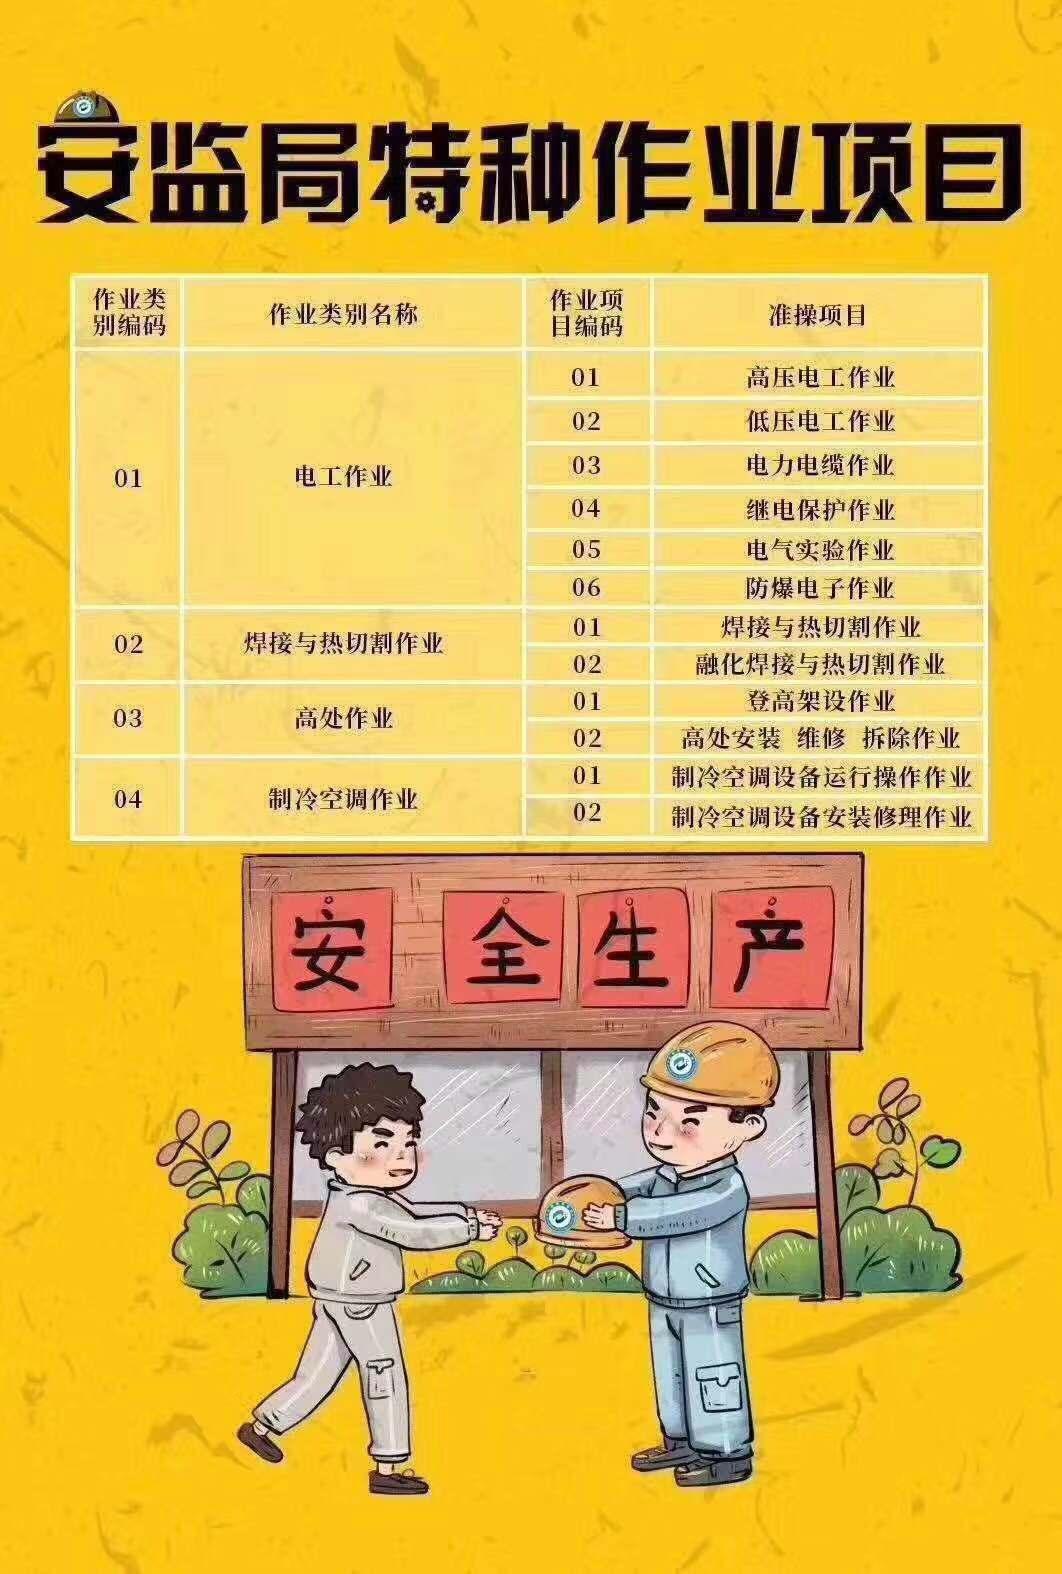 湖北省安监局特种作业操作证如何办理呢?